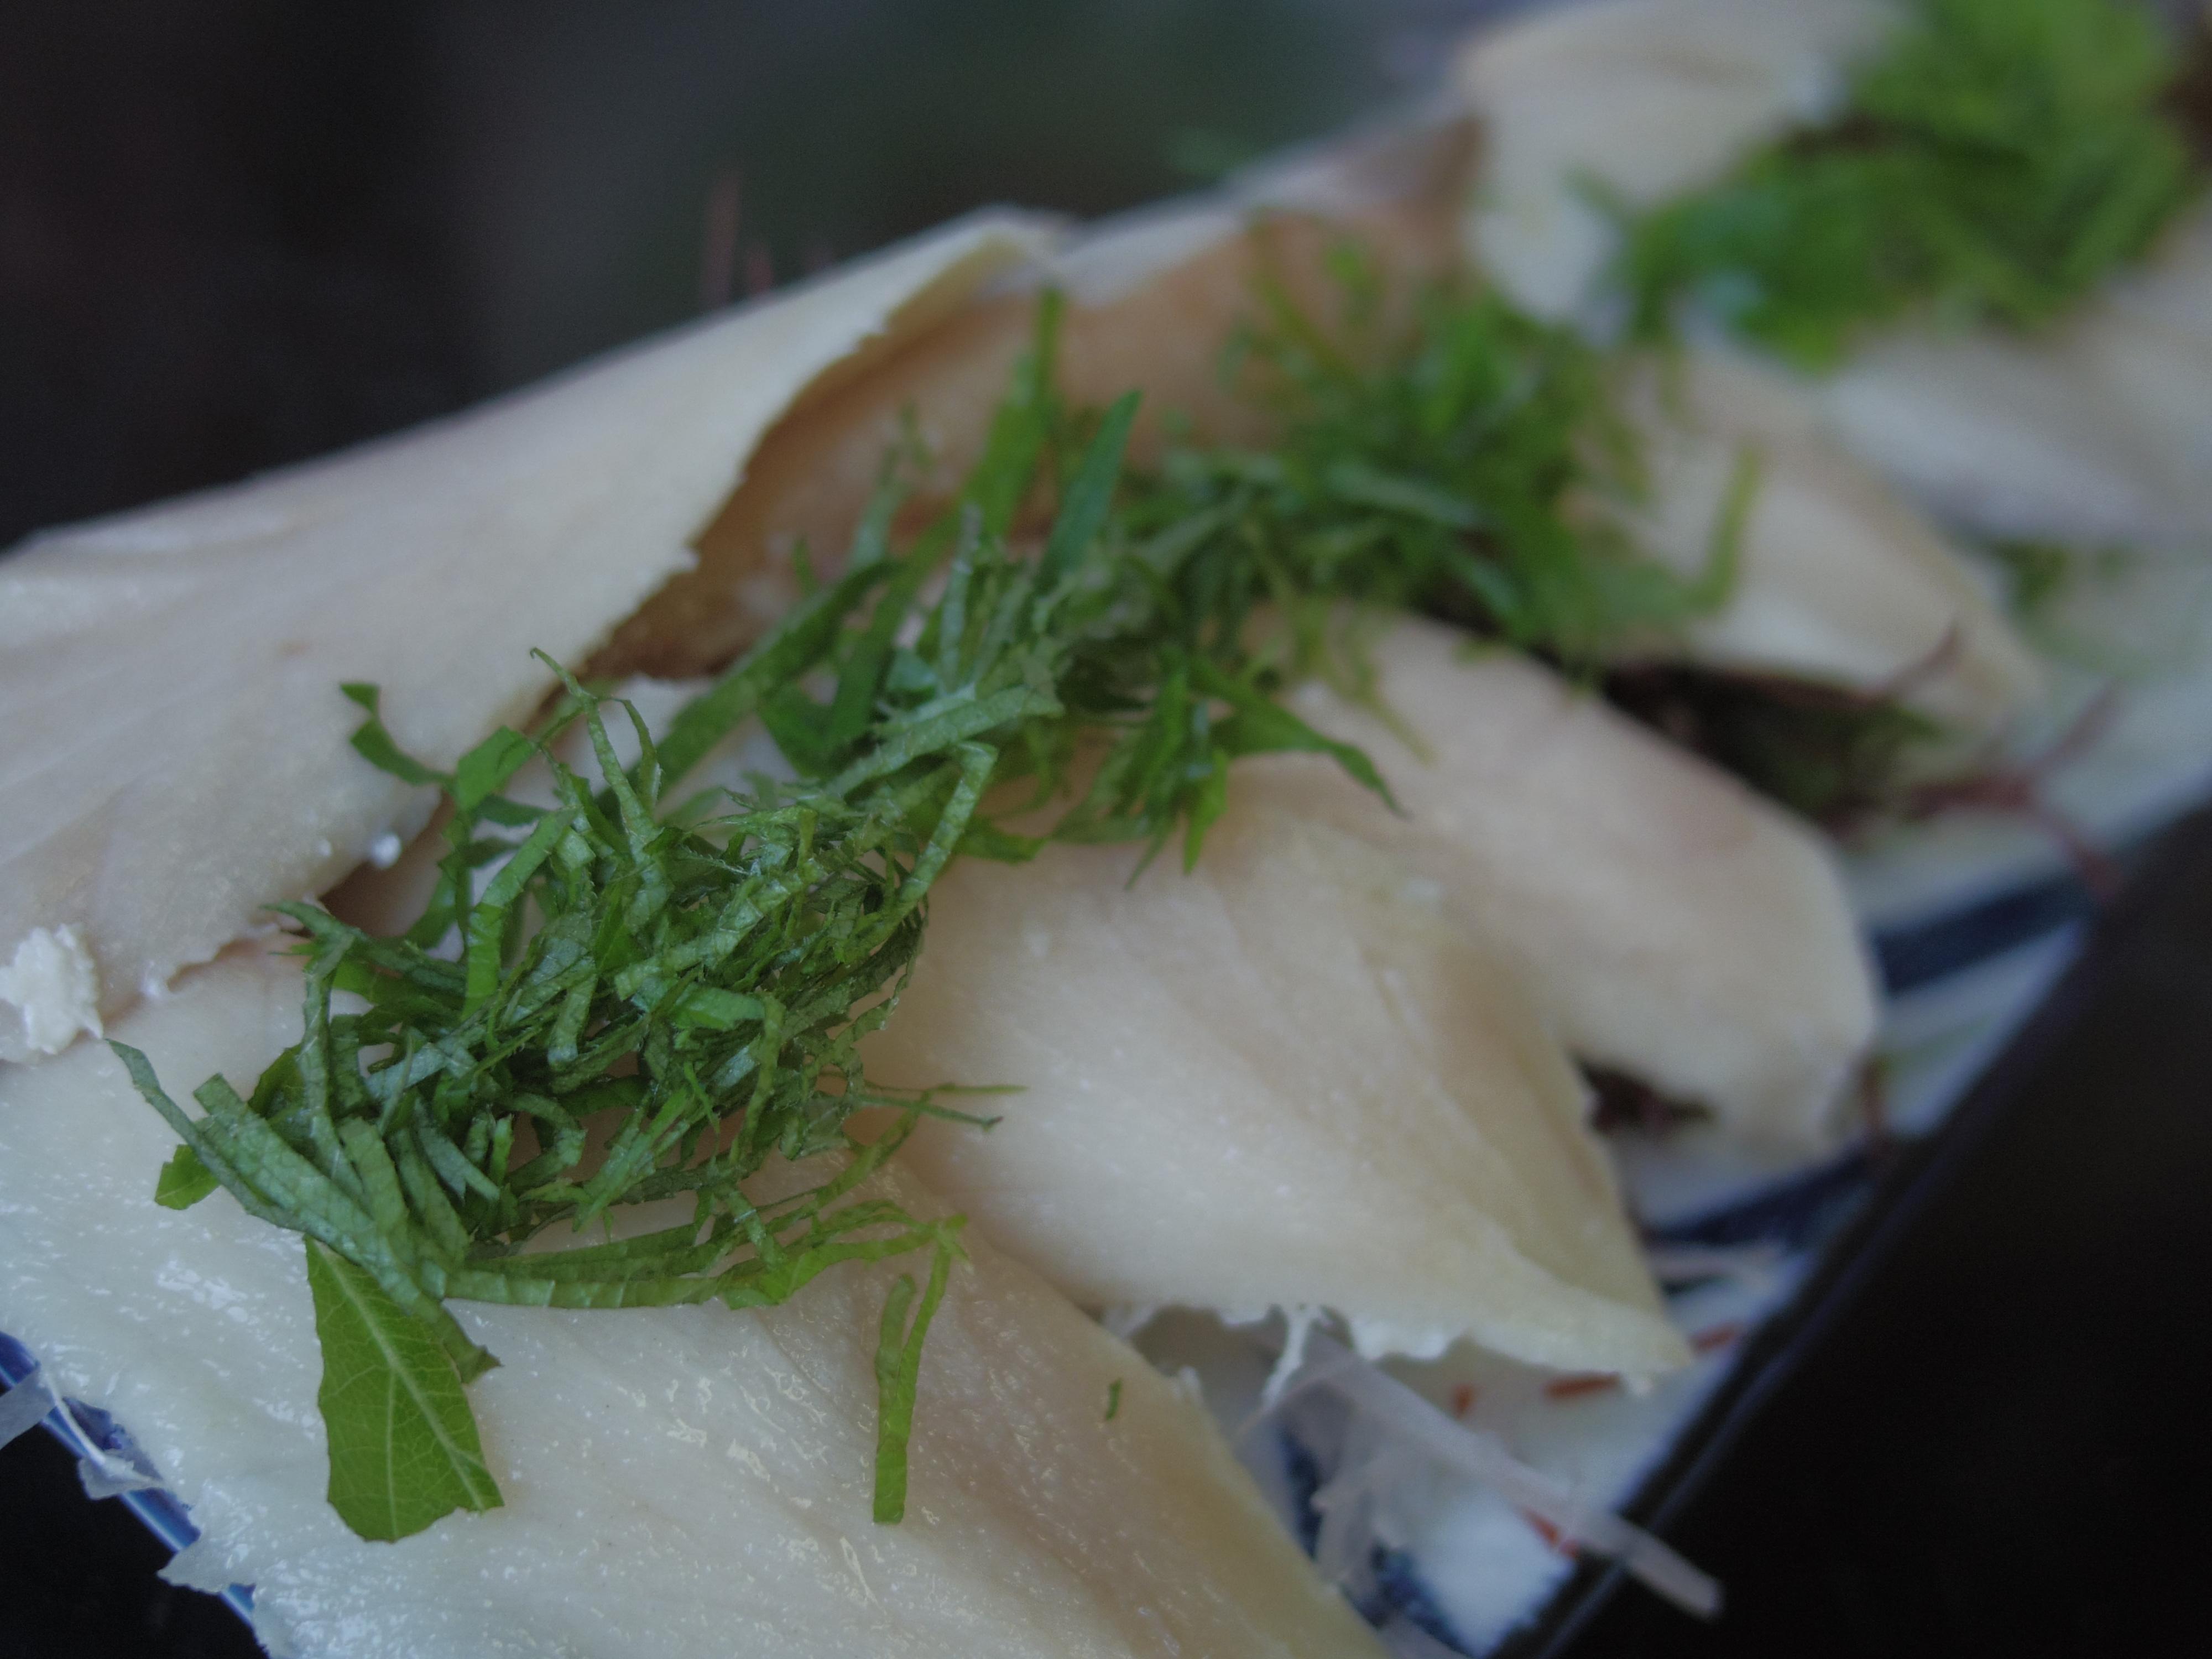 鯖のお刺身。今までの鯖の概念をひっくり返されるくらい美味しかったです! 1/250秒 / F1.9 / 0EV / ISO200 / 絞り優先AE / WB:オート / 8.5mm